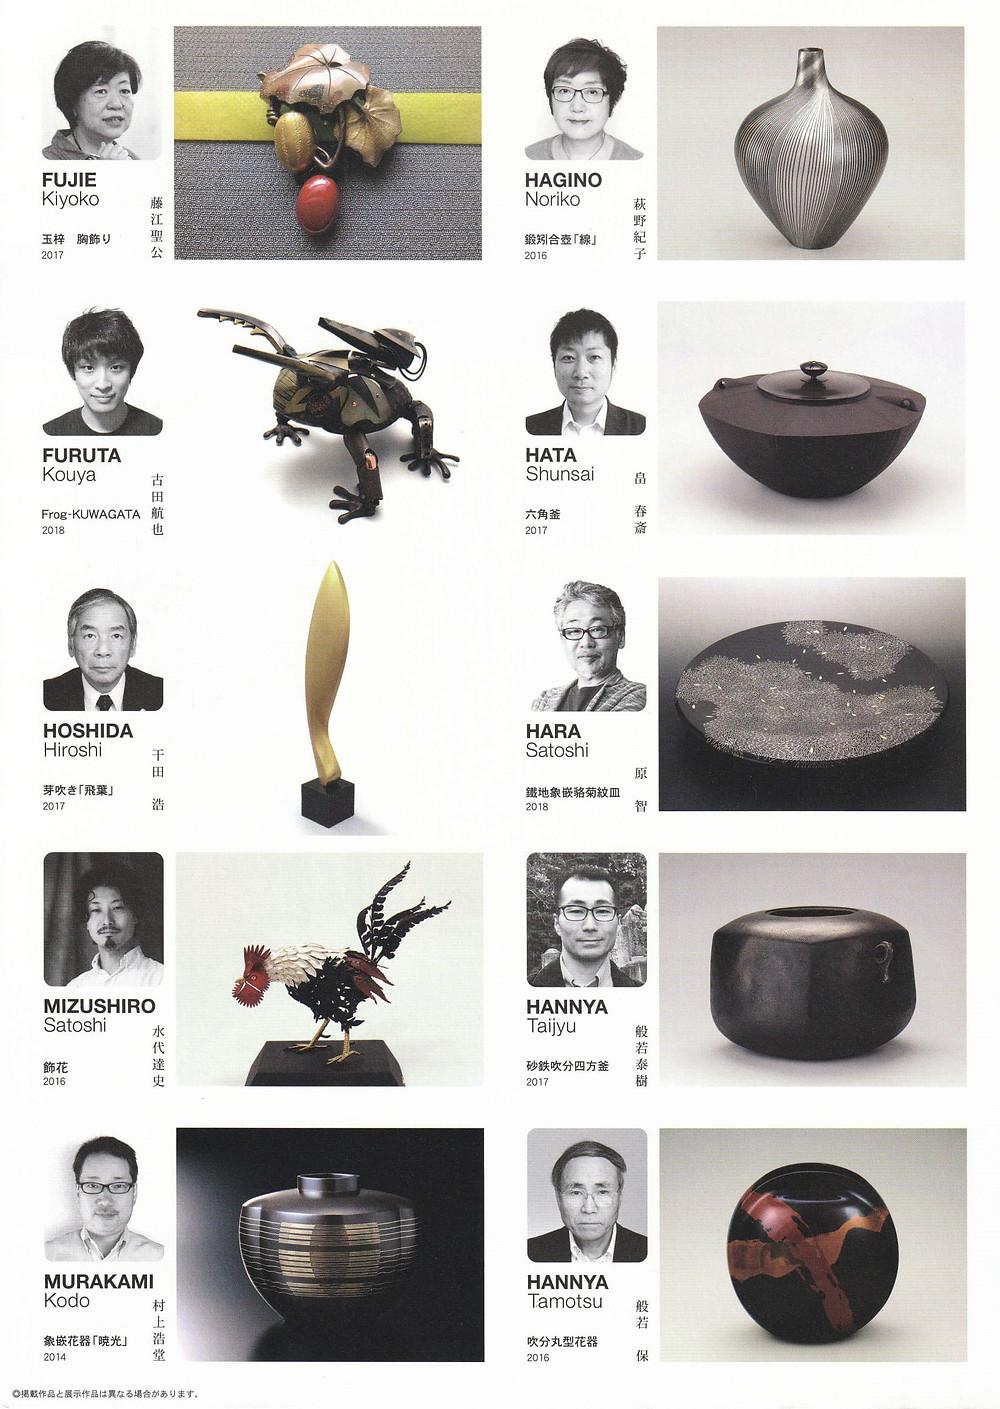 畠春斎の茶釜の他、多くの金属工芸作品が並んでいます